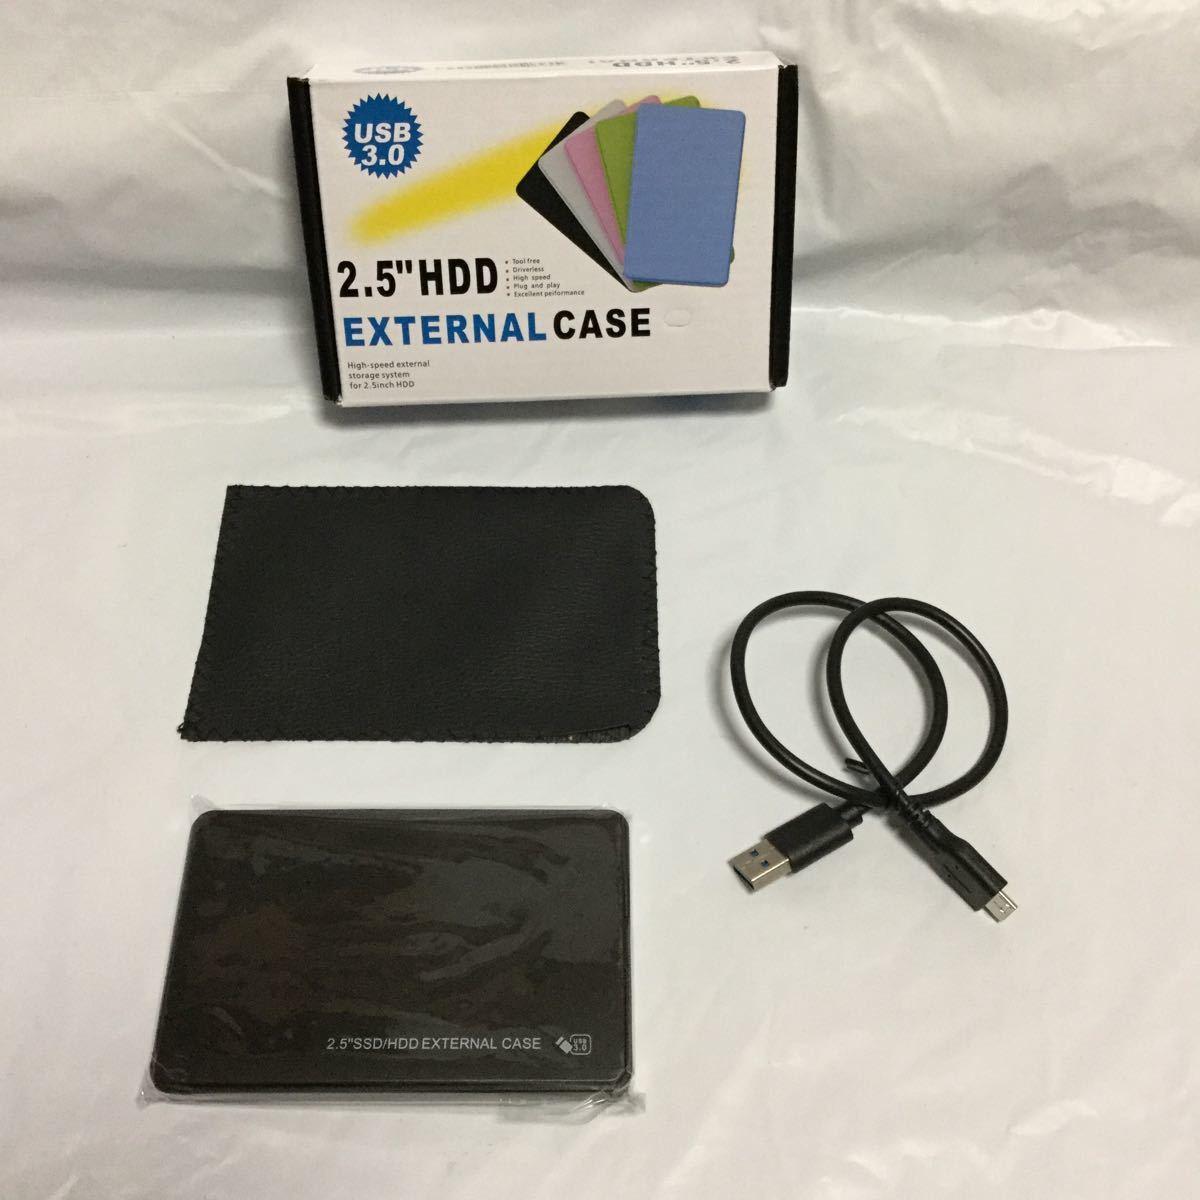 USB3.0接続 2.5インチHDD 外付けケース